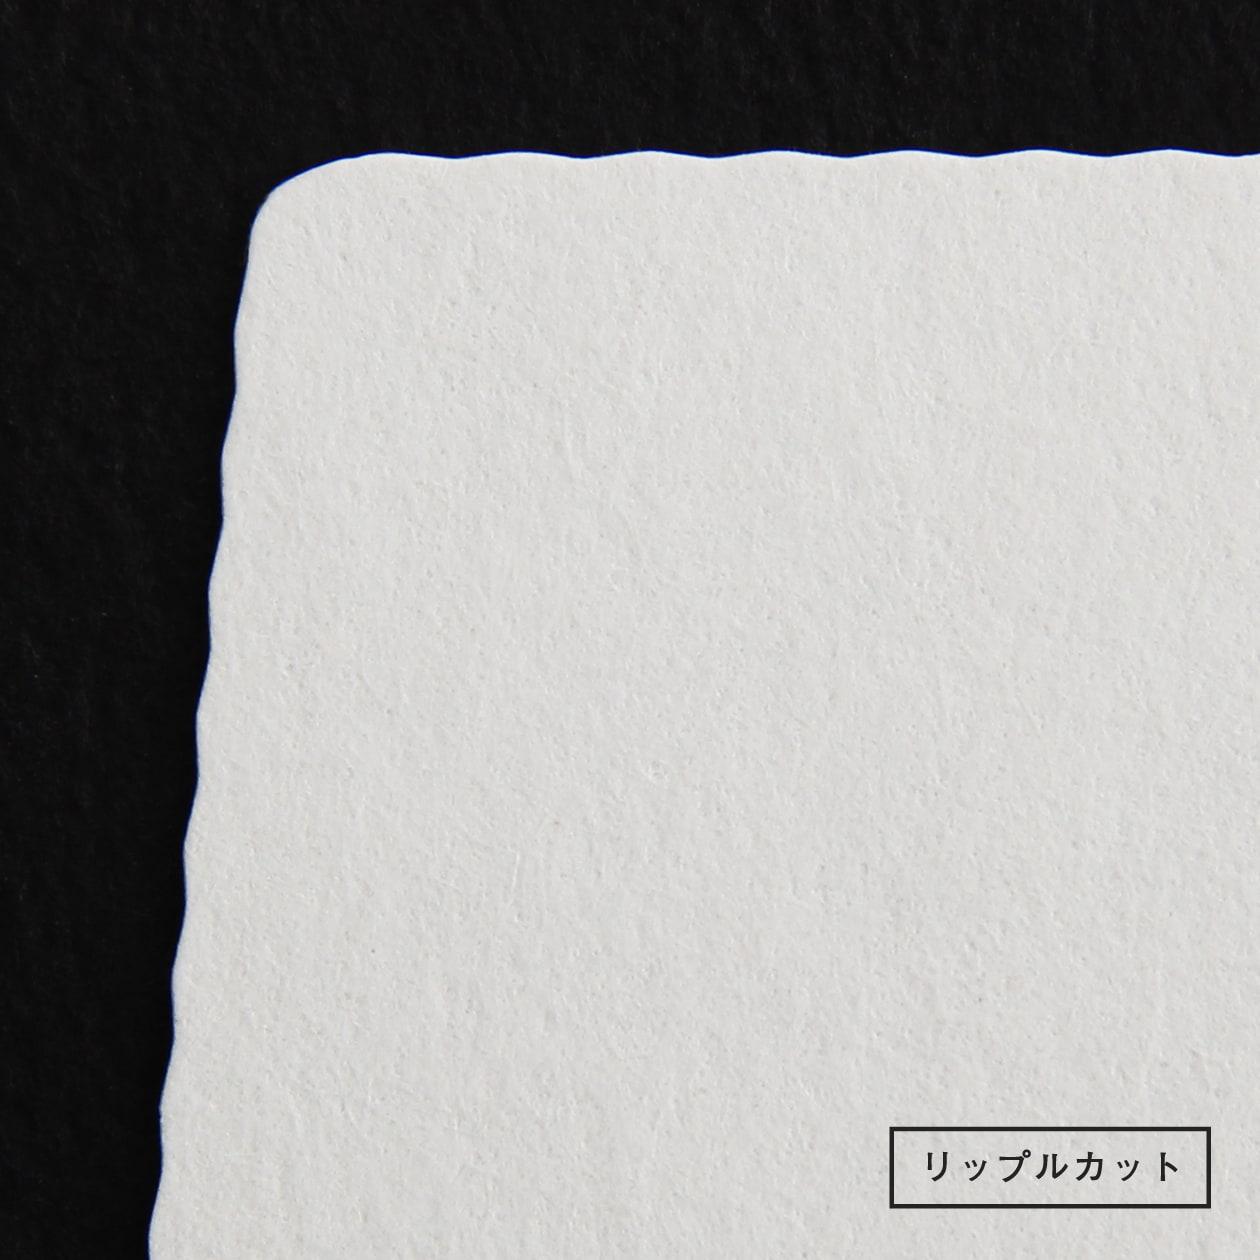 長3カマス封筒 HAGURUMA Basic プレインホワイト 100g